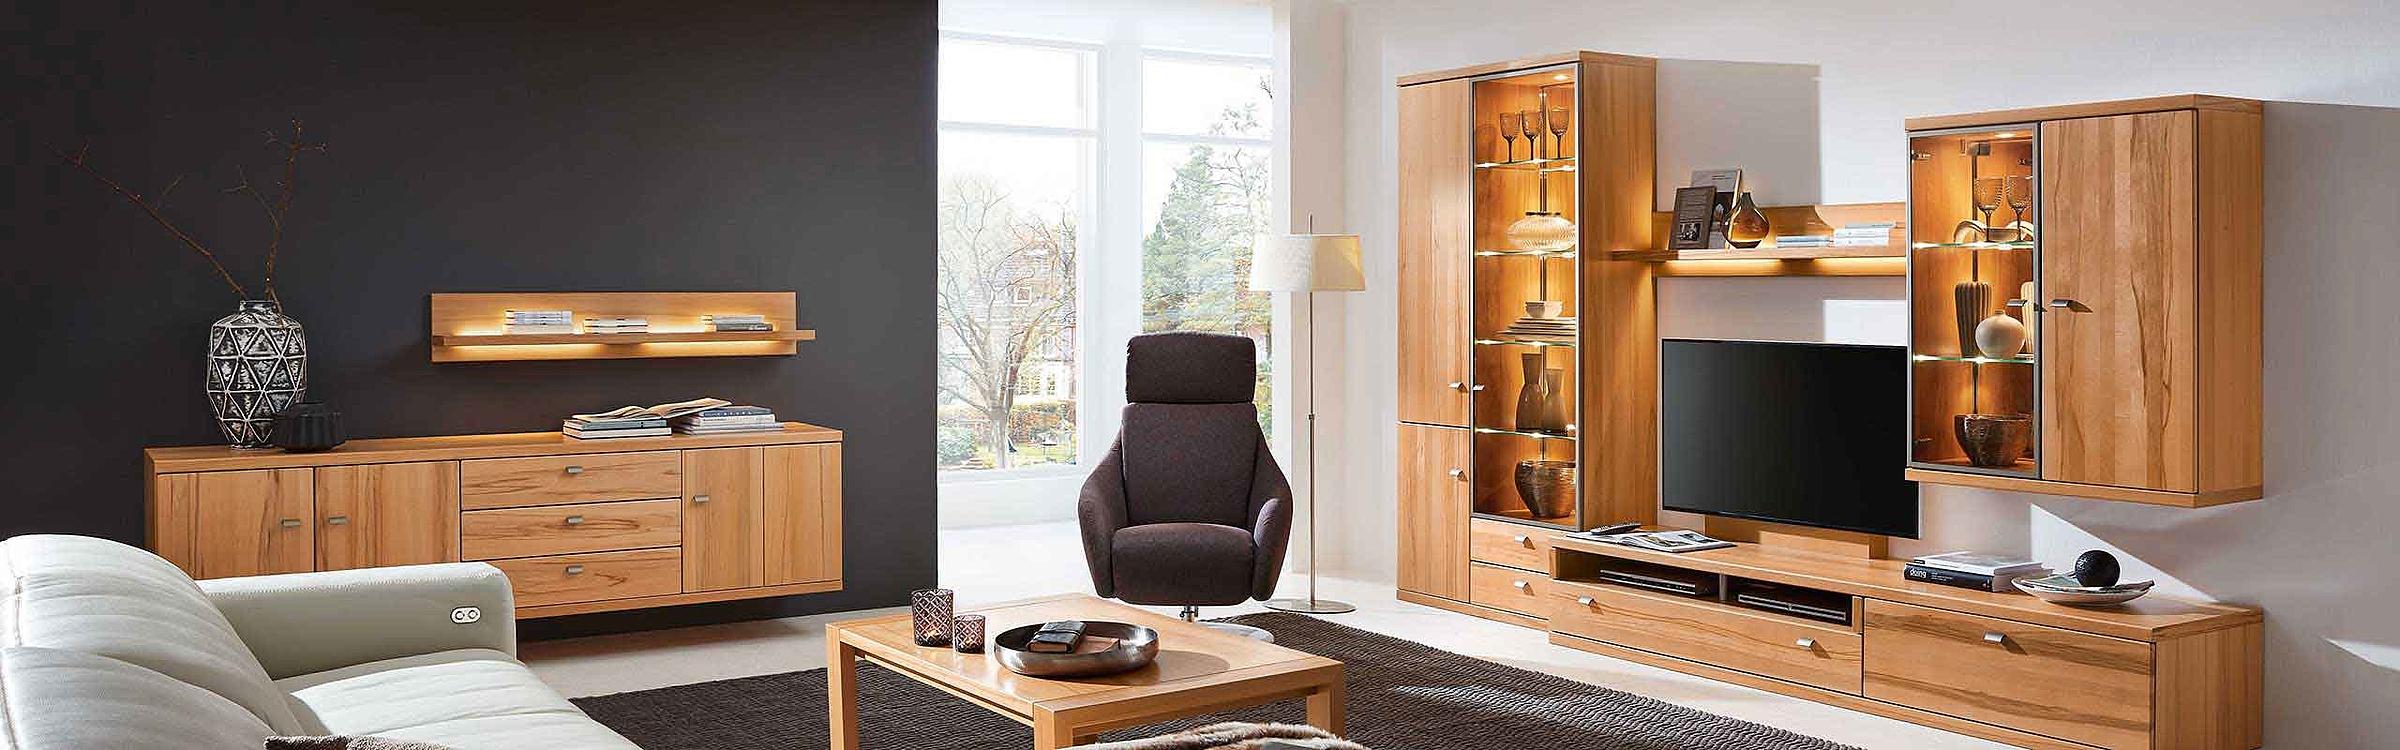 Hängesideboard Wohnwand Couchtisch Wohnzimmer Cento Holz Kernbuche massiv